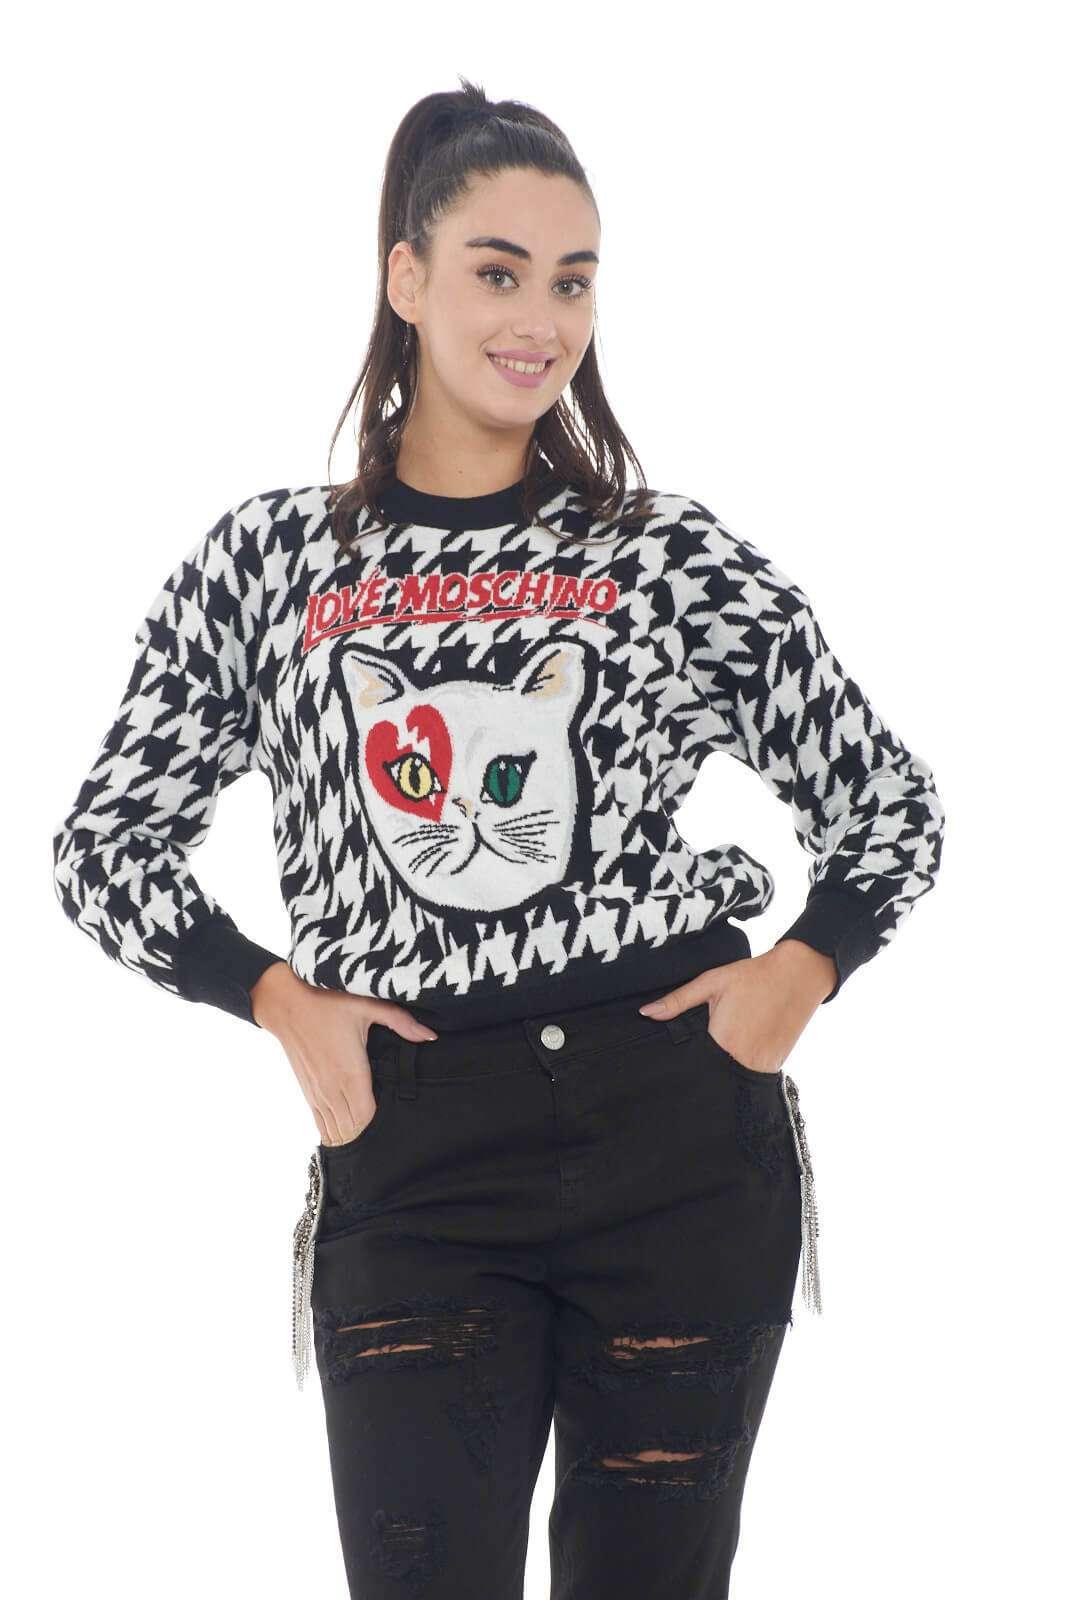 Un capo unico la maglia in misto cashmere firmata Love Moschino. La fantasia pied de poule è impreziosita dall'immagine sul davanti e dal logo in contrasto di colore. Da indossare con pantaloni o jeans rende prezioso il proprio outfit.